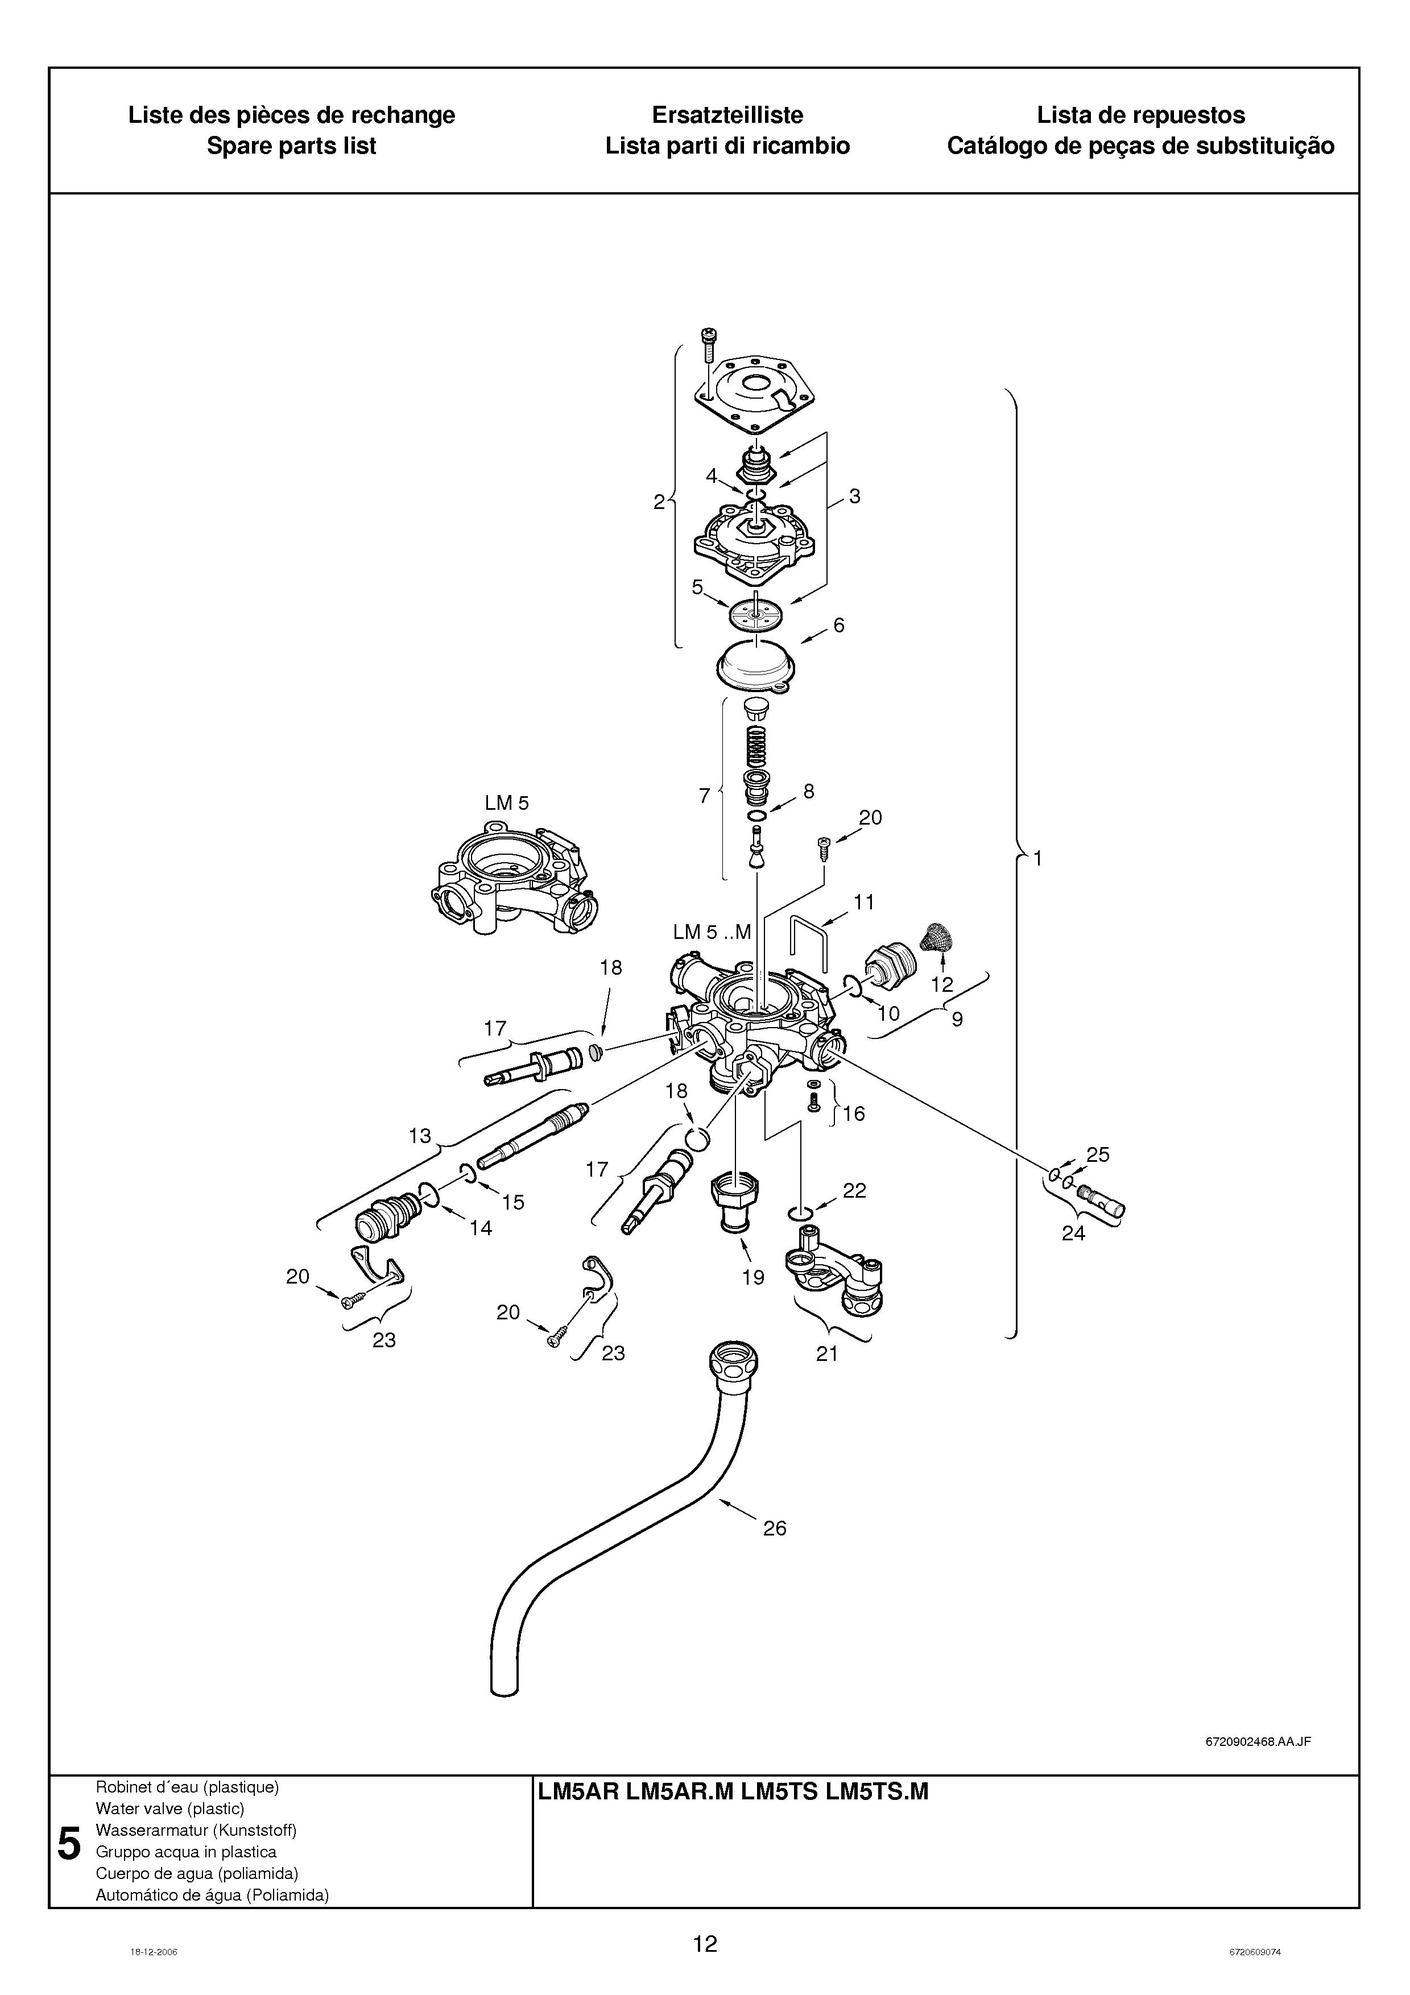 recherche directe dans la vue clat e de l 39 article elm leblanc valve eau s melangeur lm5ar ts. Black Bedroom Furniture Sets. Home Design Ideas